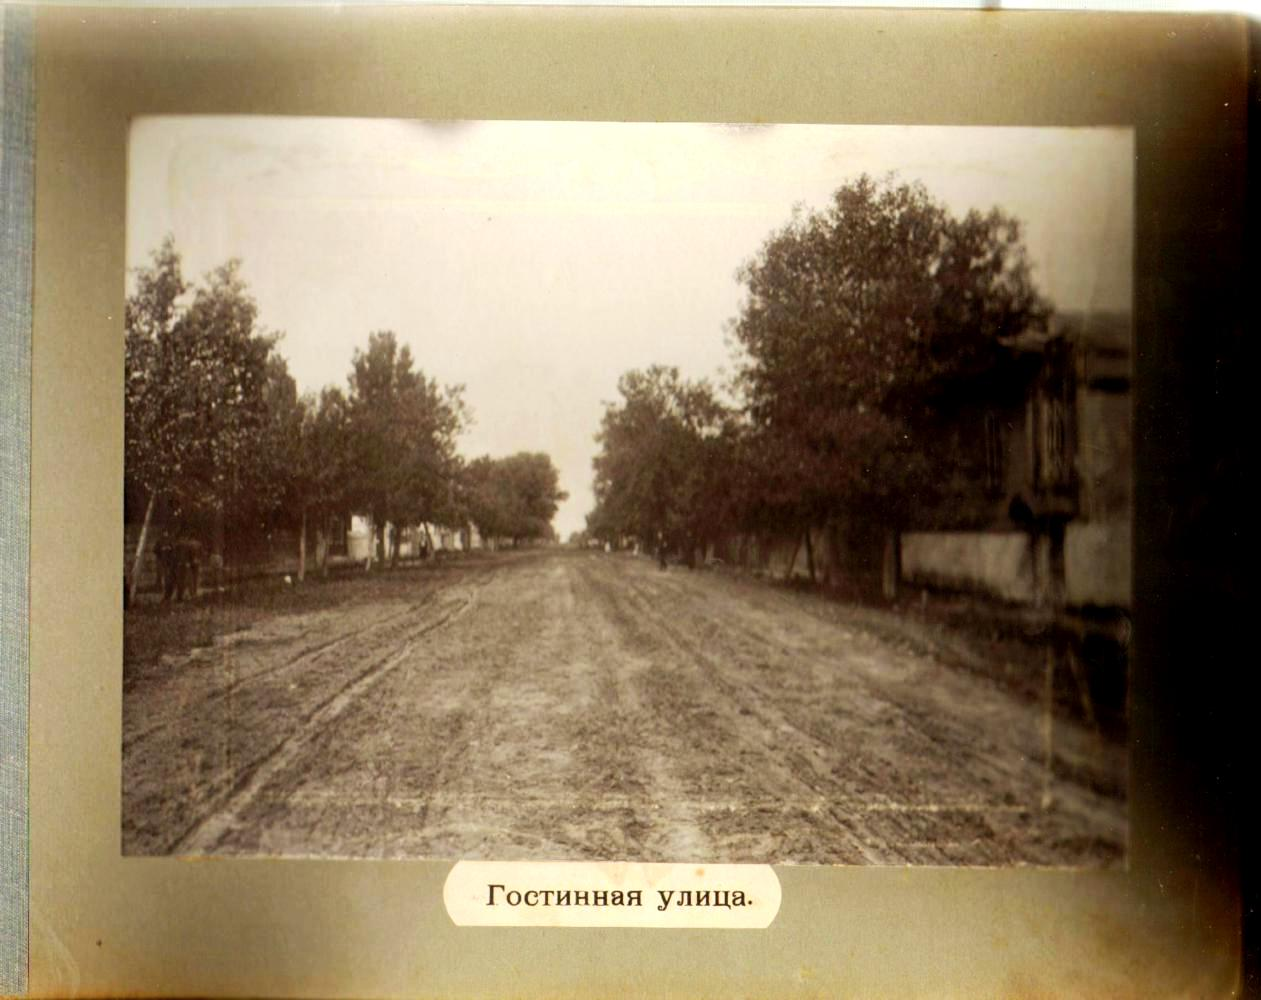 16. Гостинная улица